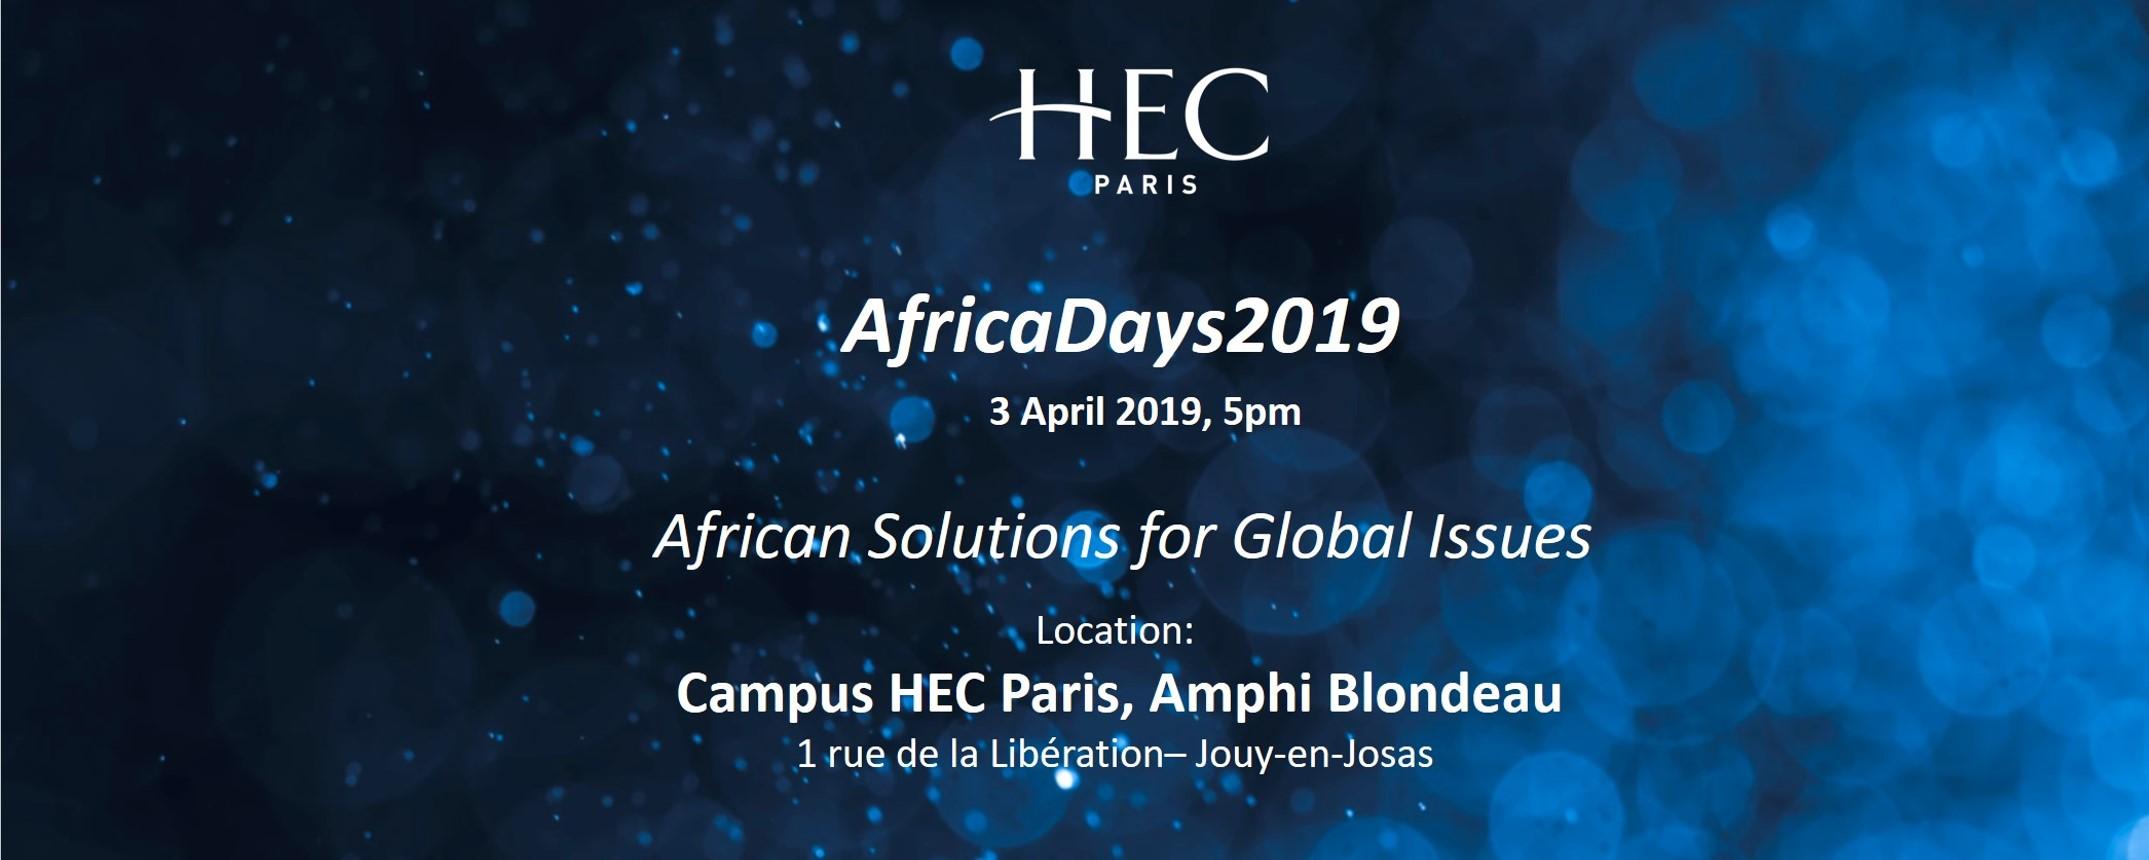 HEC Paris - HEC Paris - AfricaDays 2019 Movemeback African event cover image